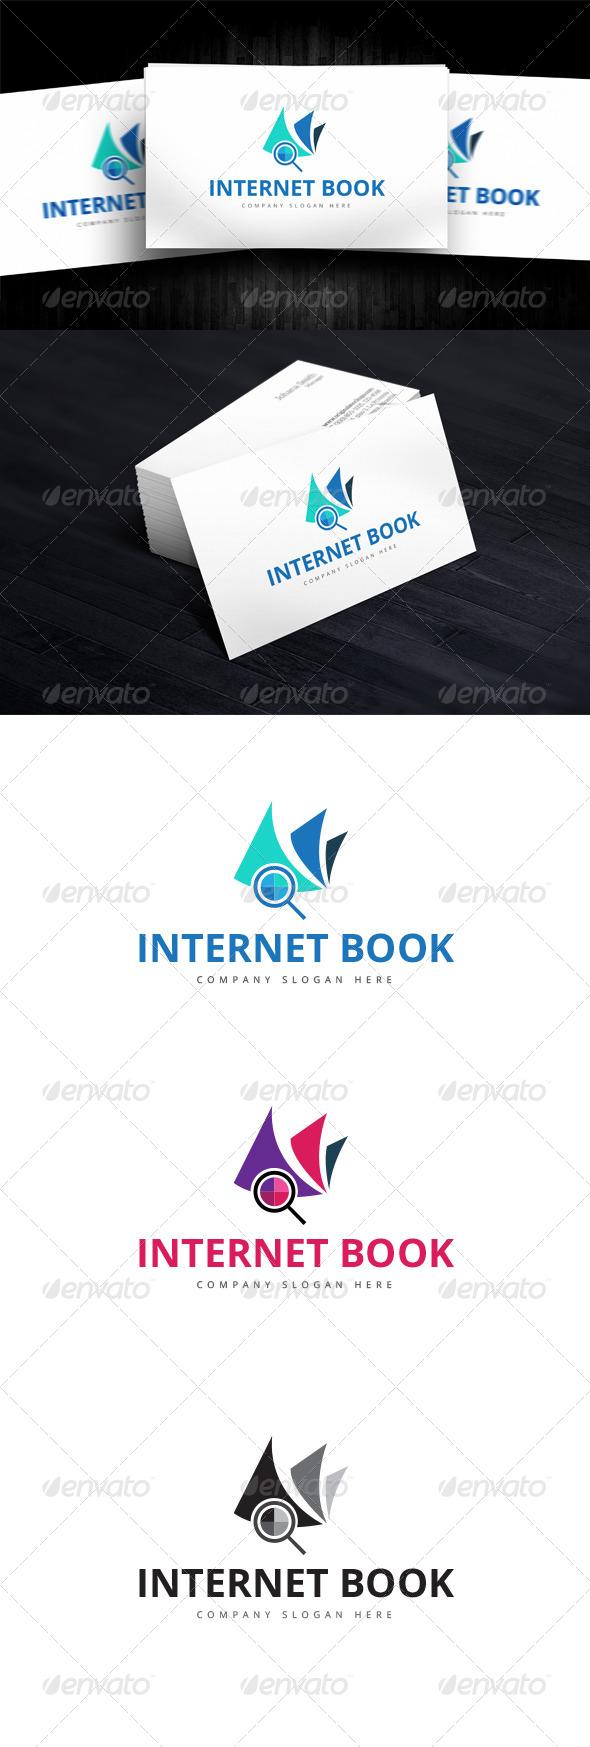 GraphicRiver Internet Book 8063524